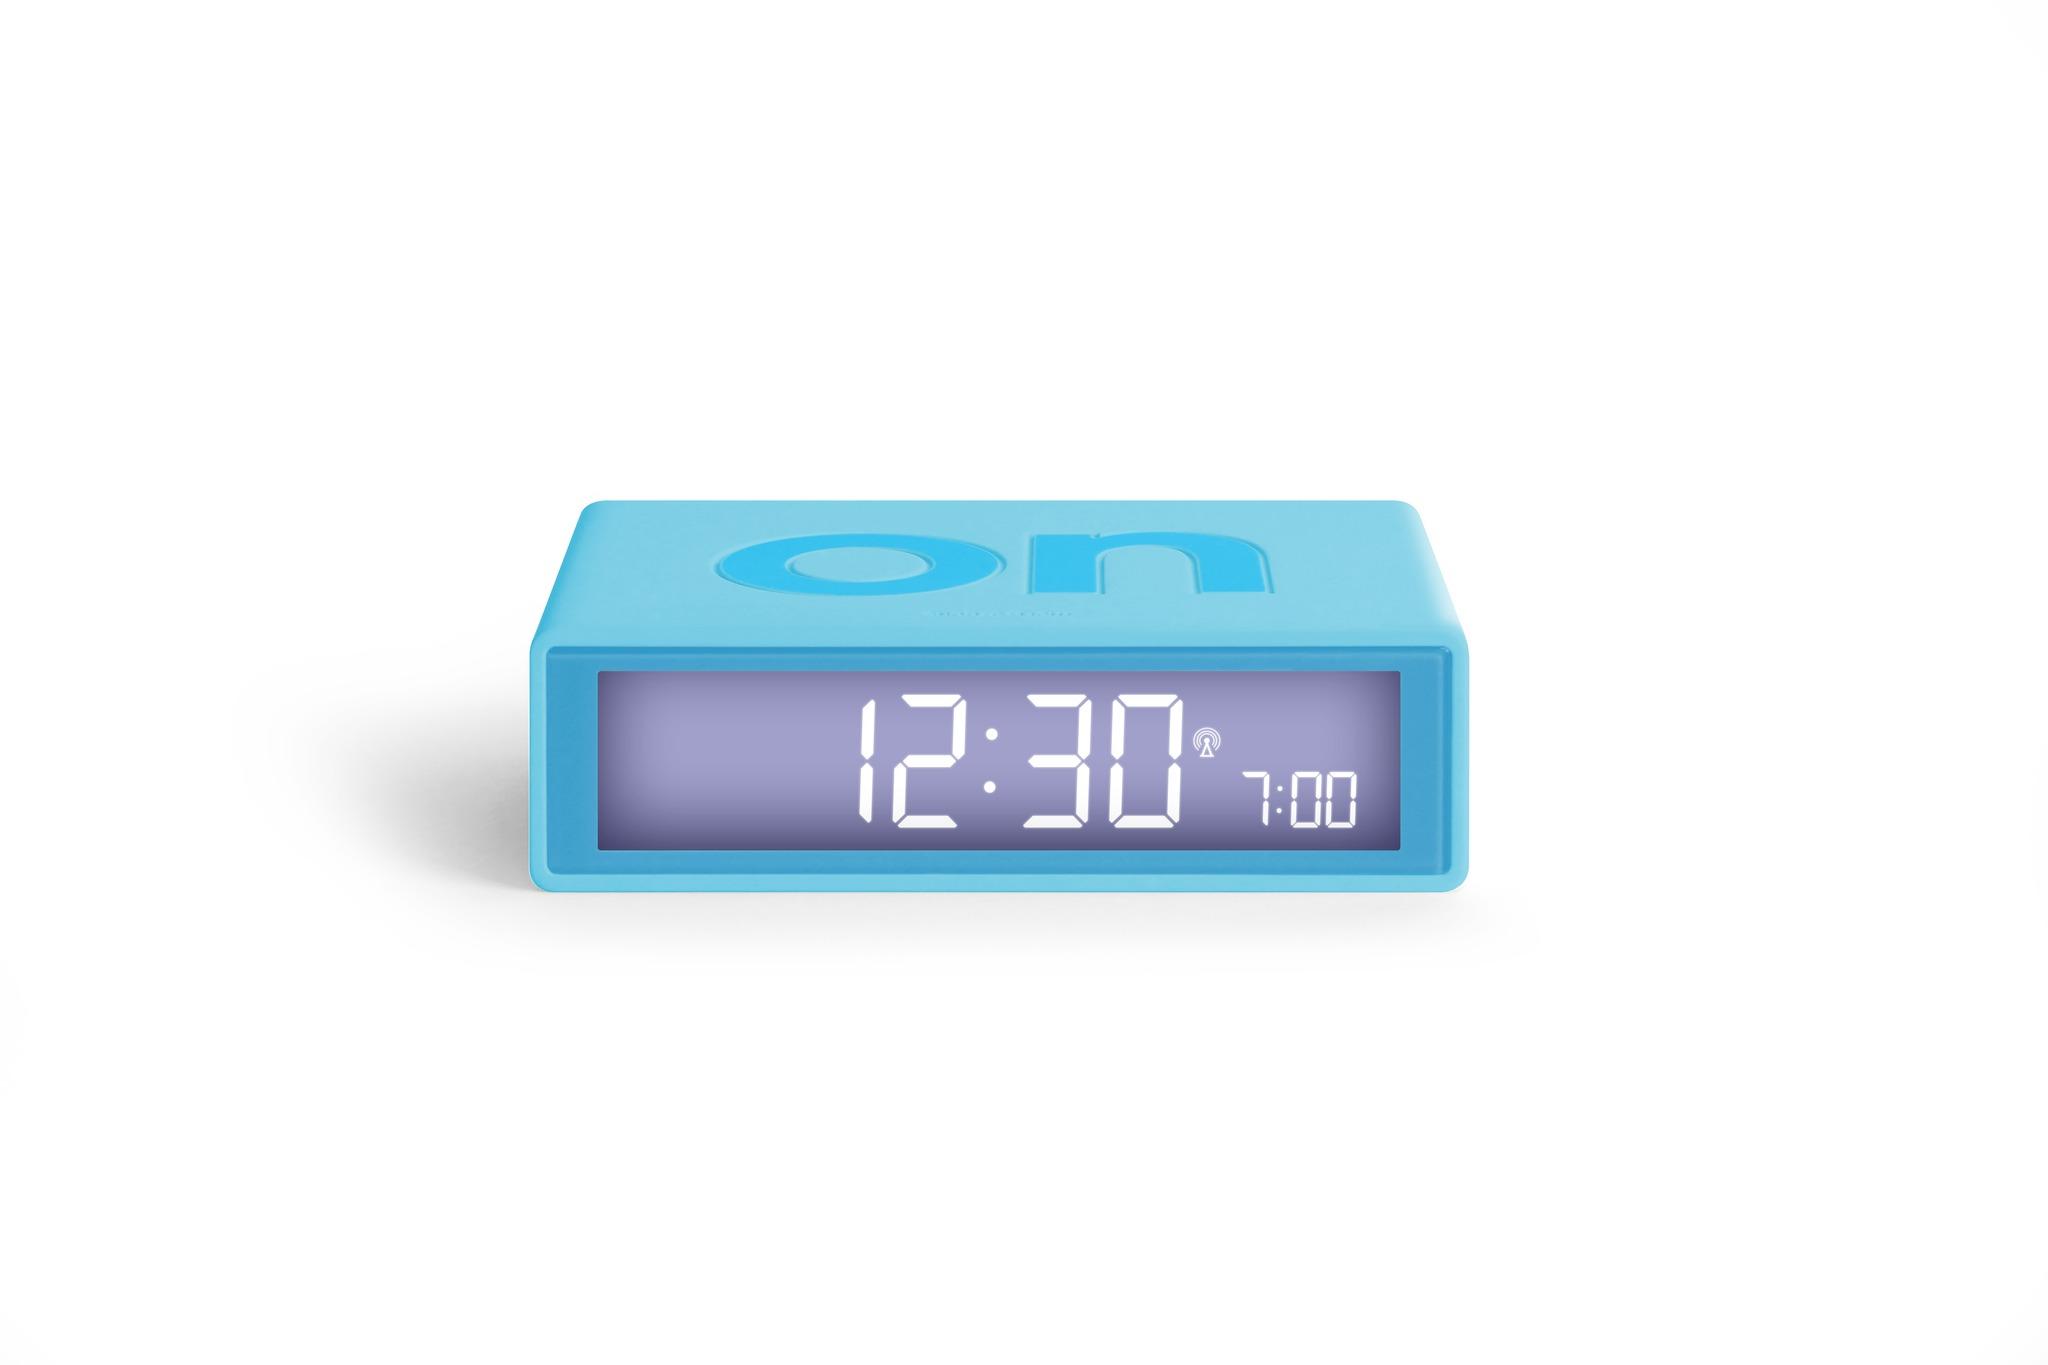 türkis, funkgesteuert, LCD Display, snooze